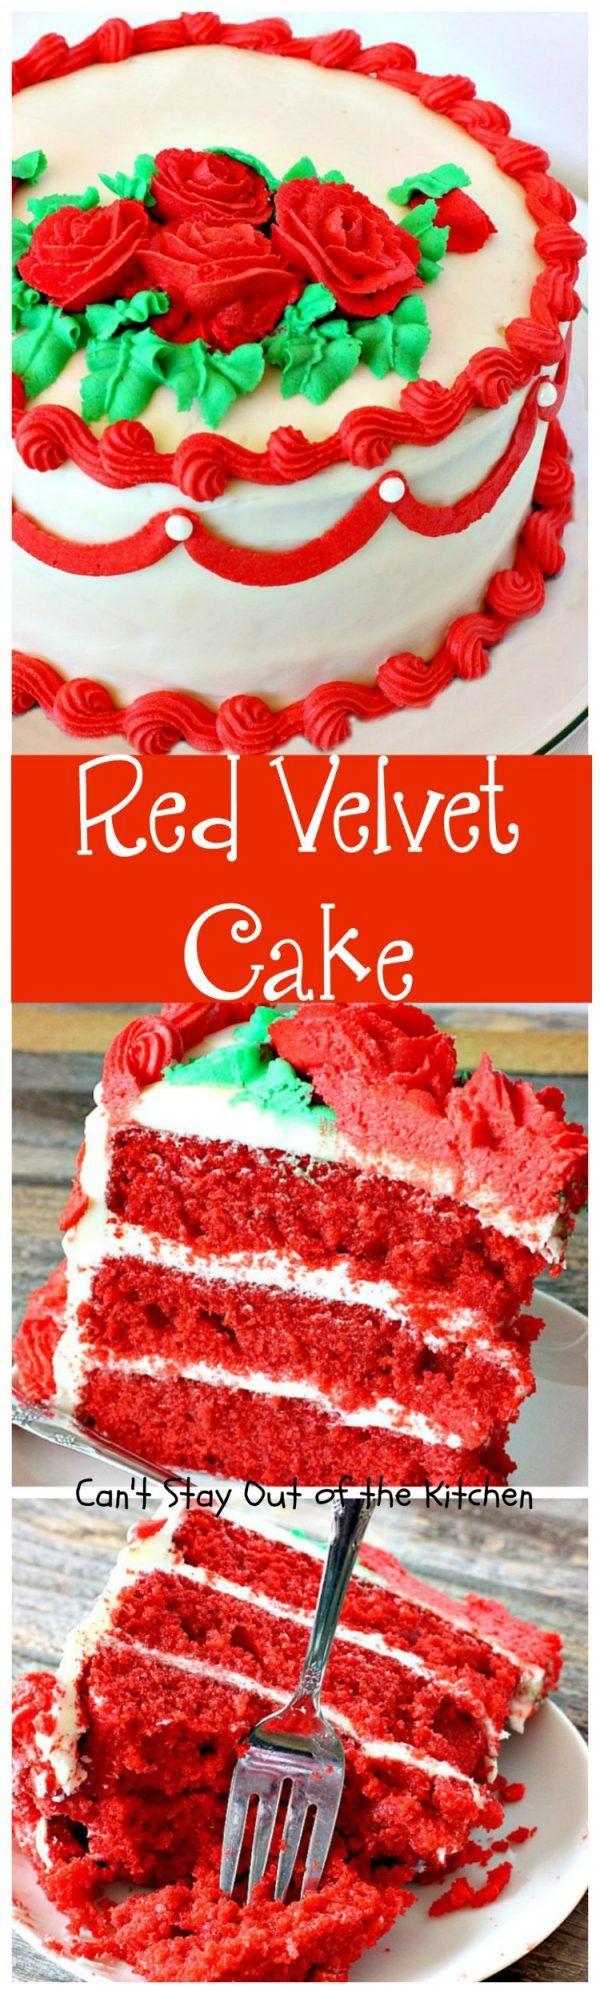 Red Velvet Earthquake Cake Recipe Earthquake Cake Recipes Red Velvet Cake Cake